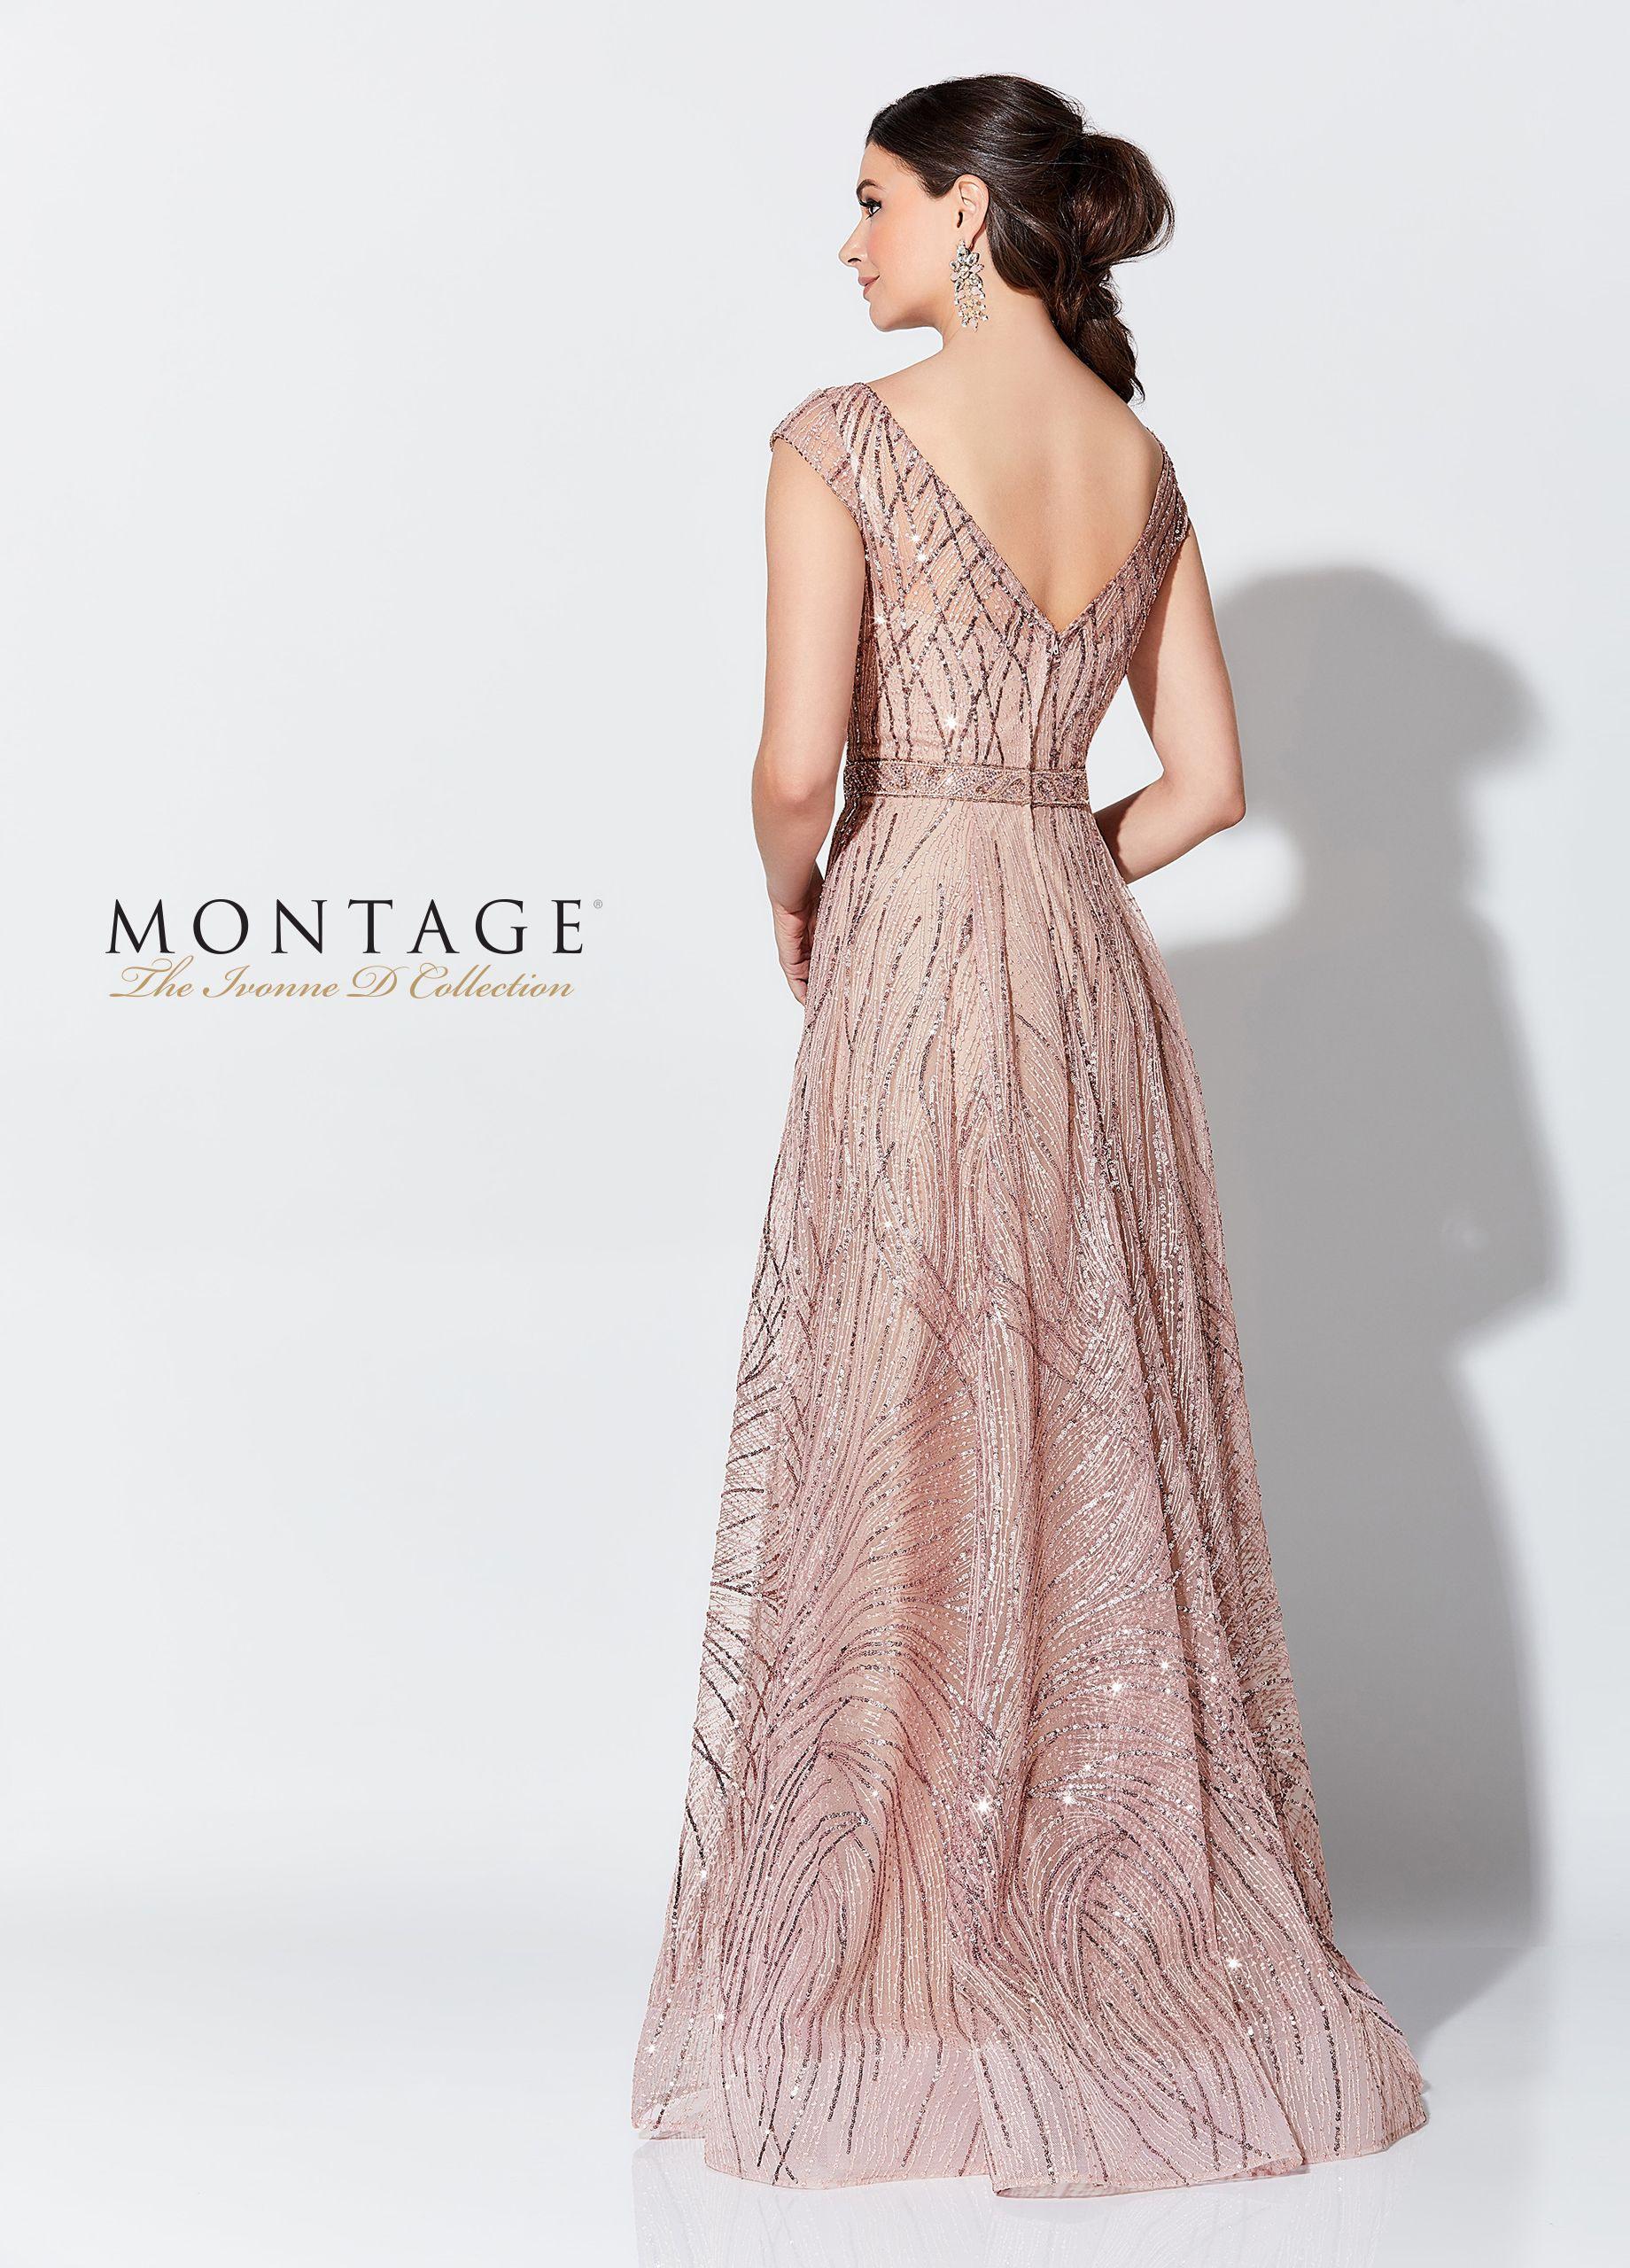 20 Fantastisch D Abendkleid GalerieFormal Erstaunlich D Abendkleid Spezialgebiet